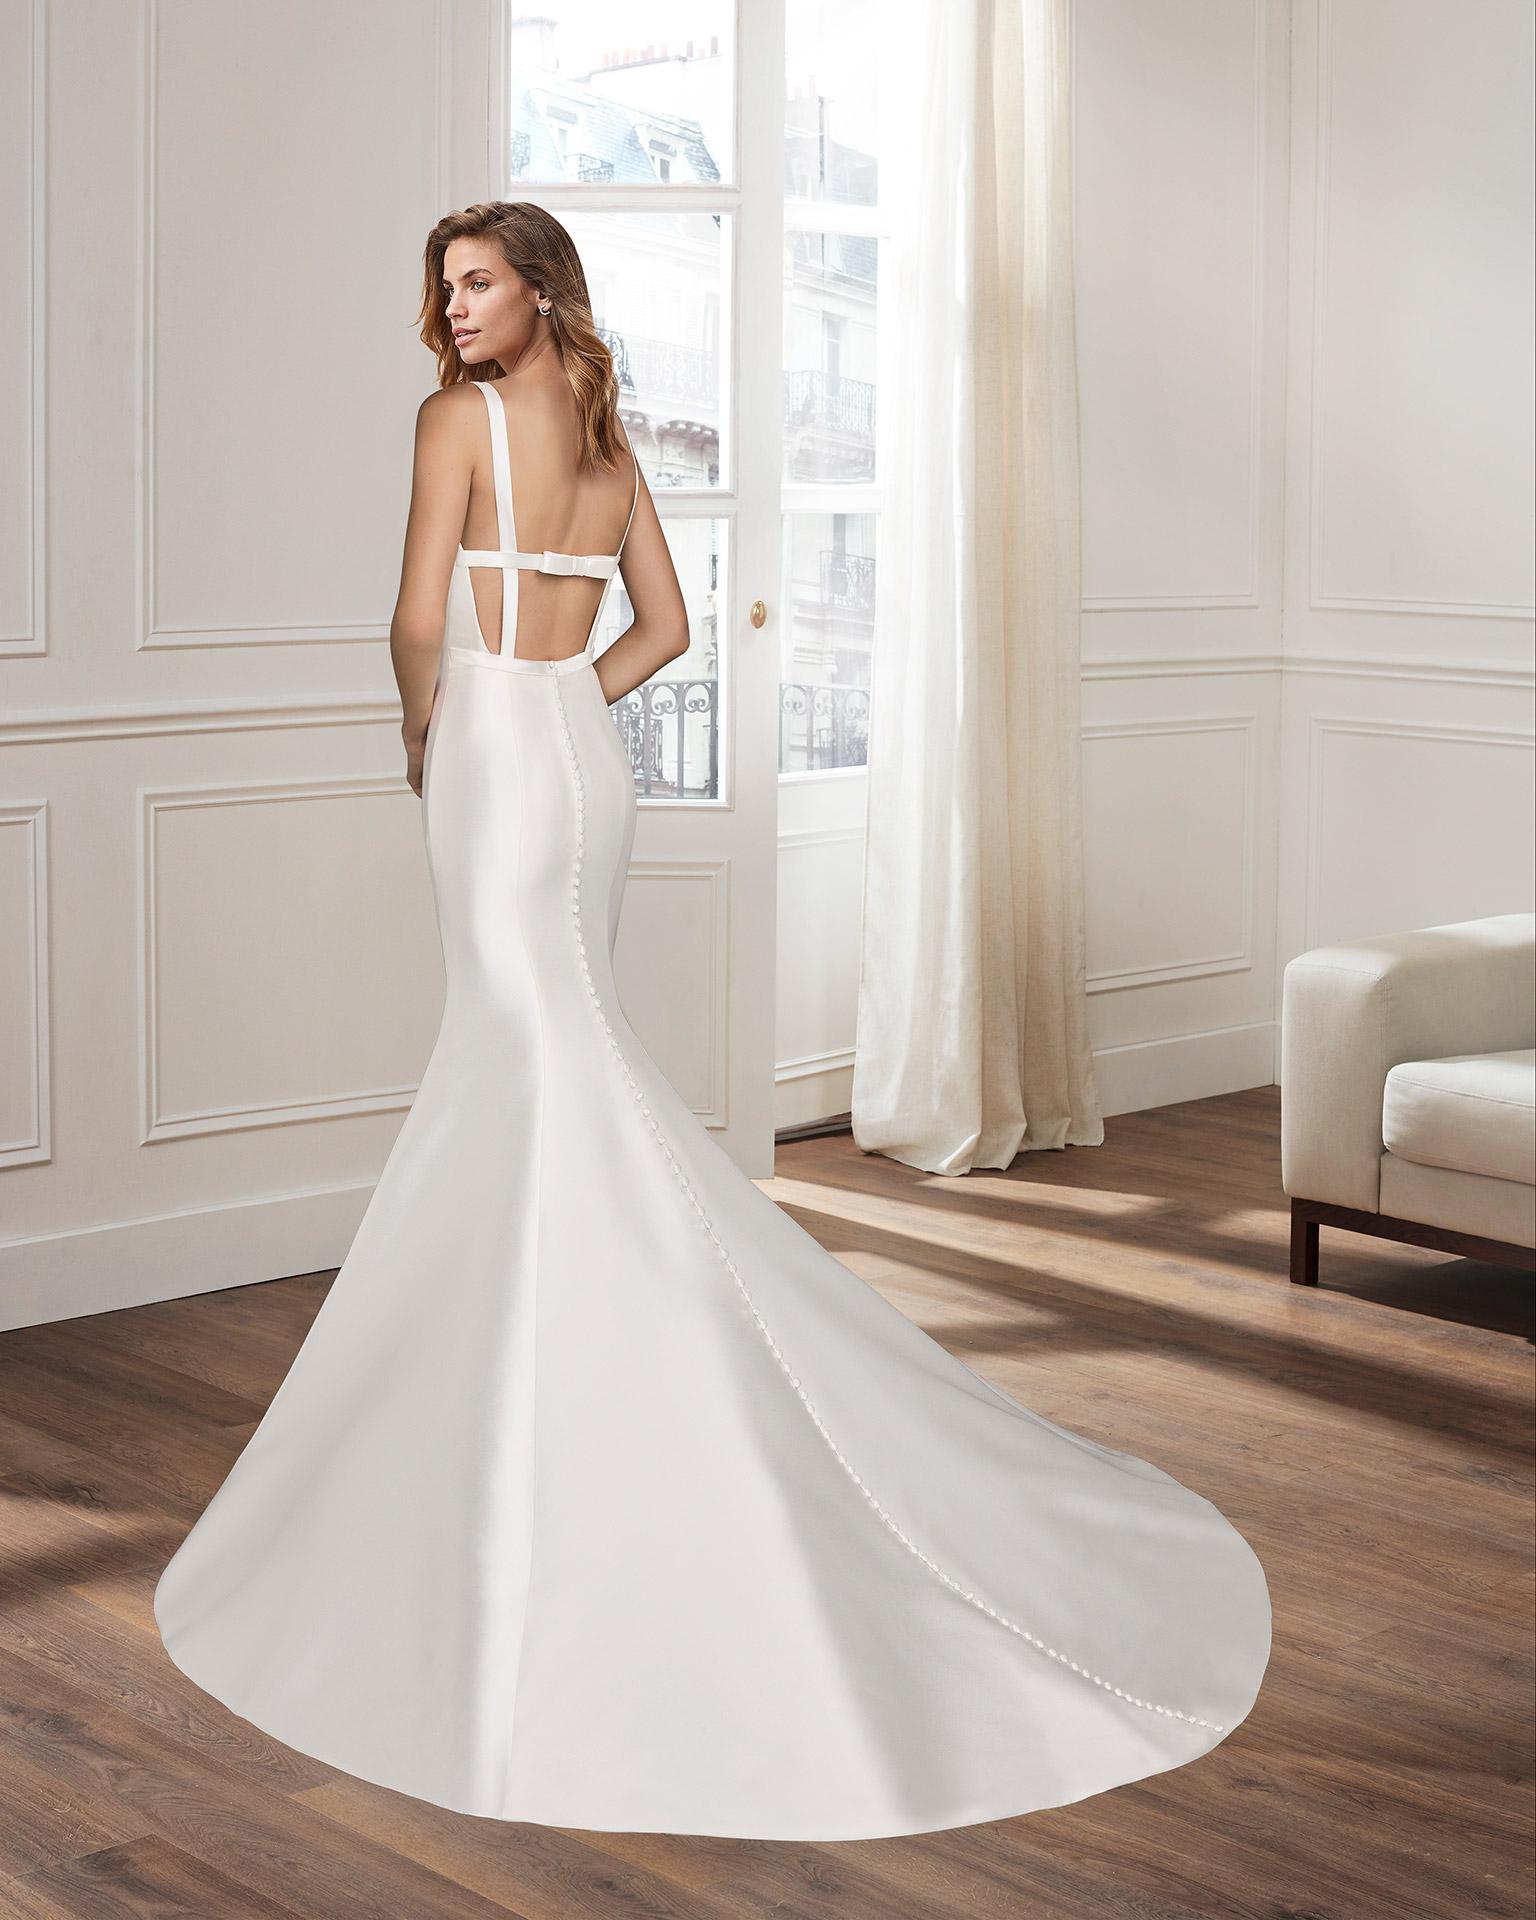 Vestido de novia corte sirena en mikado, con escote barco y espalda abierta, con lazo trasero. Colección  2020.